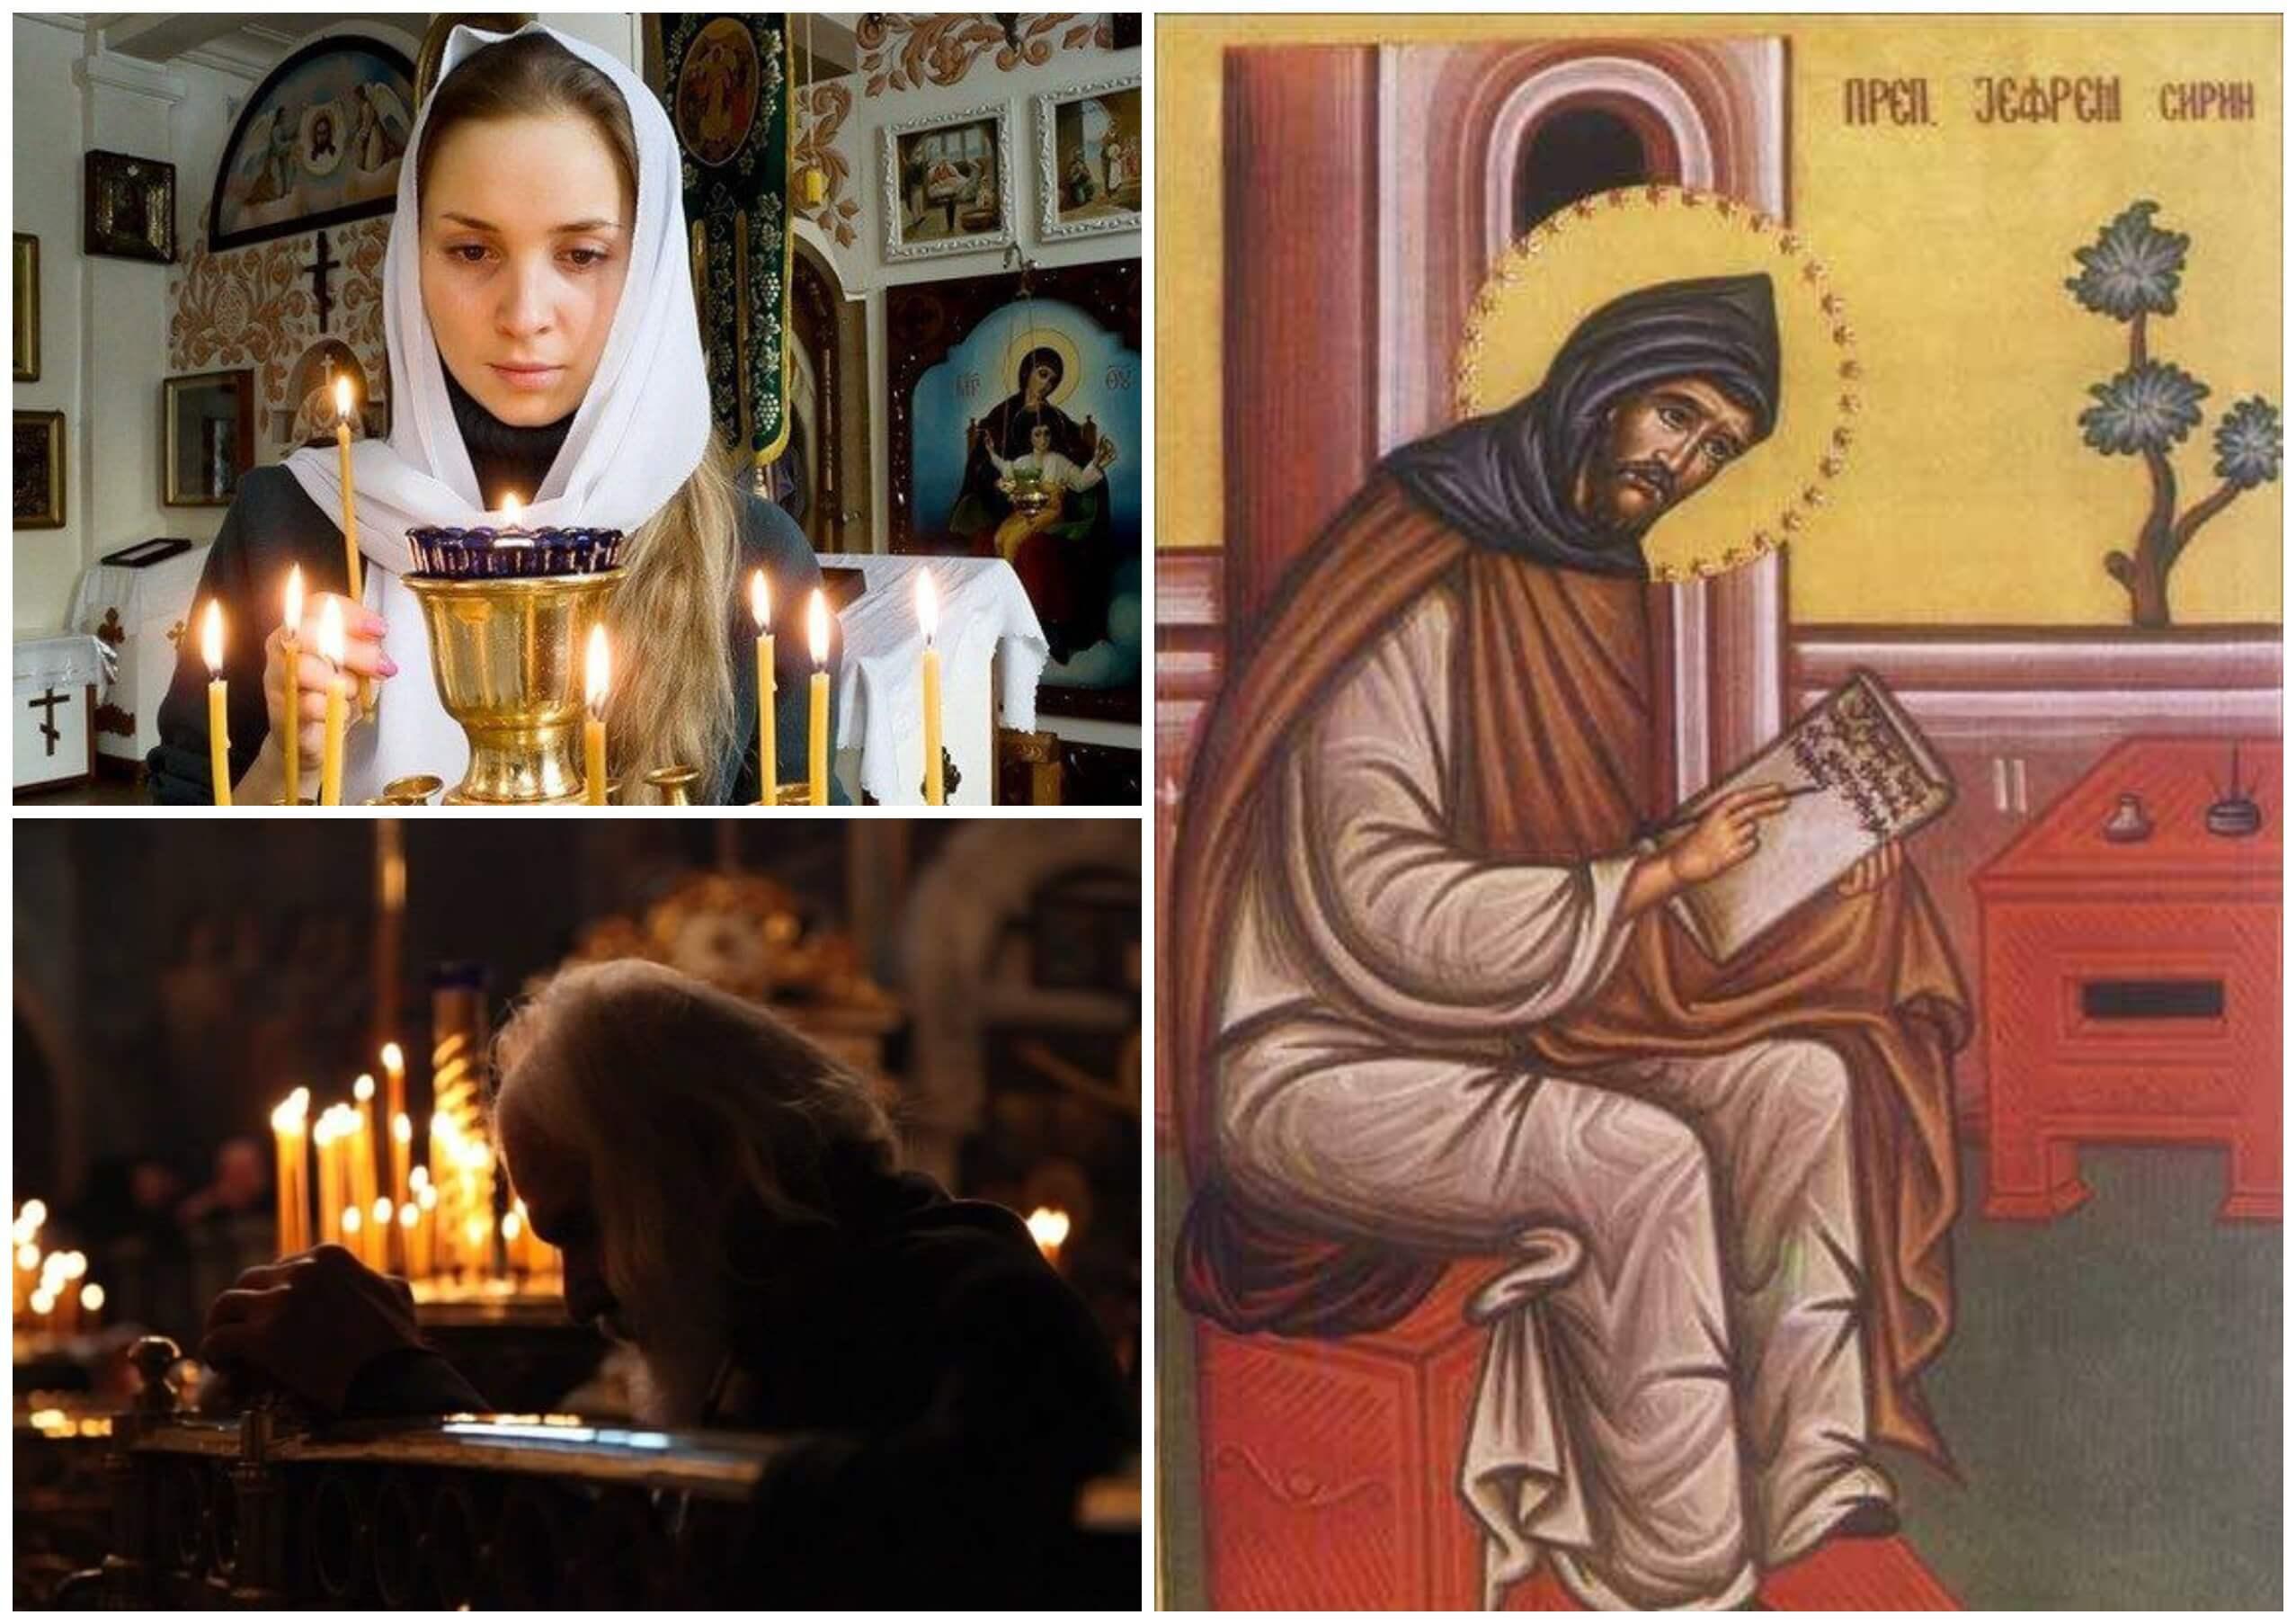 На фото изображены Ефрем сирин, девушка, которая ставит свечу в храме и старик, который молится.